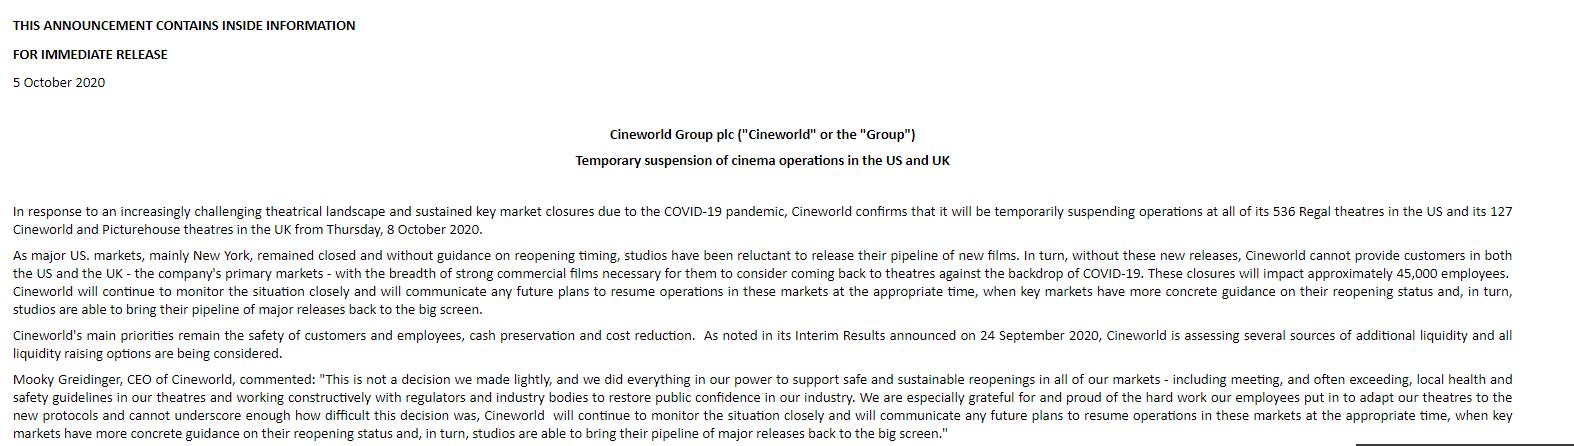 全球第二大院线将暂时关闭美英所有电影院 或导致4.5万人失业